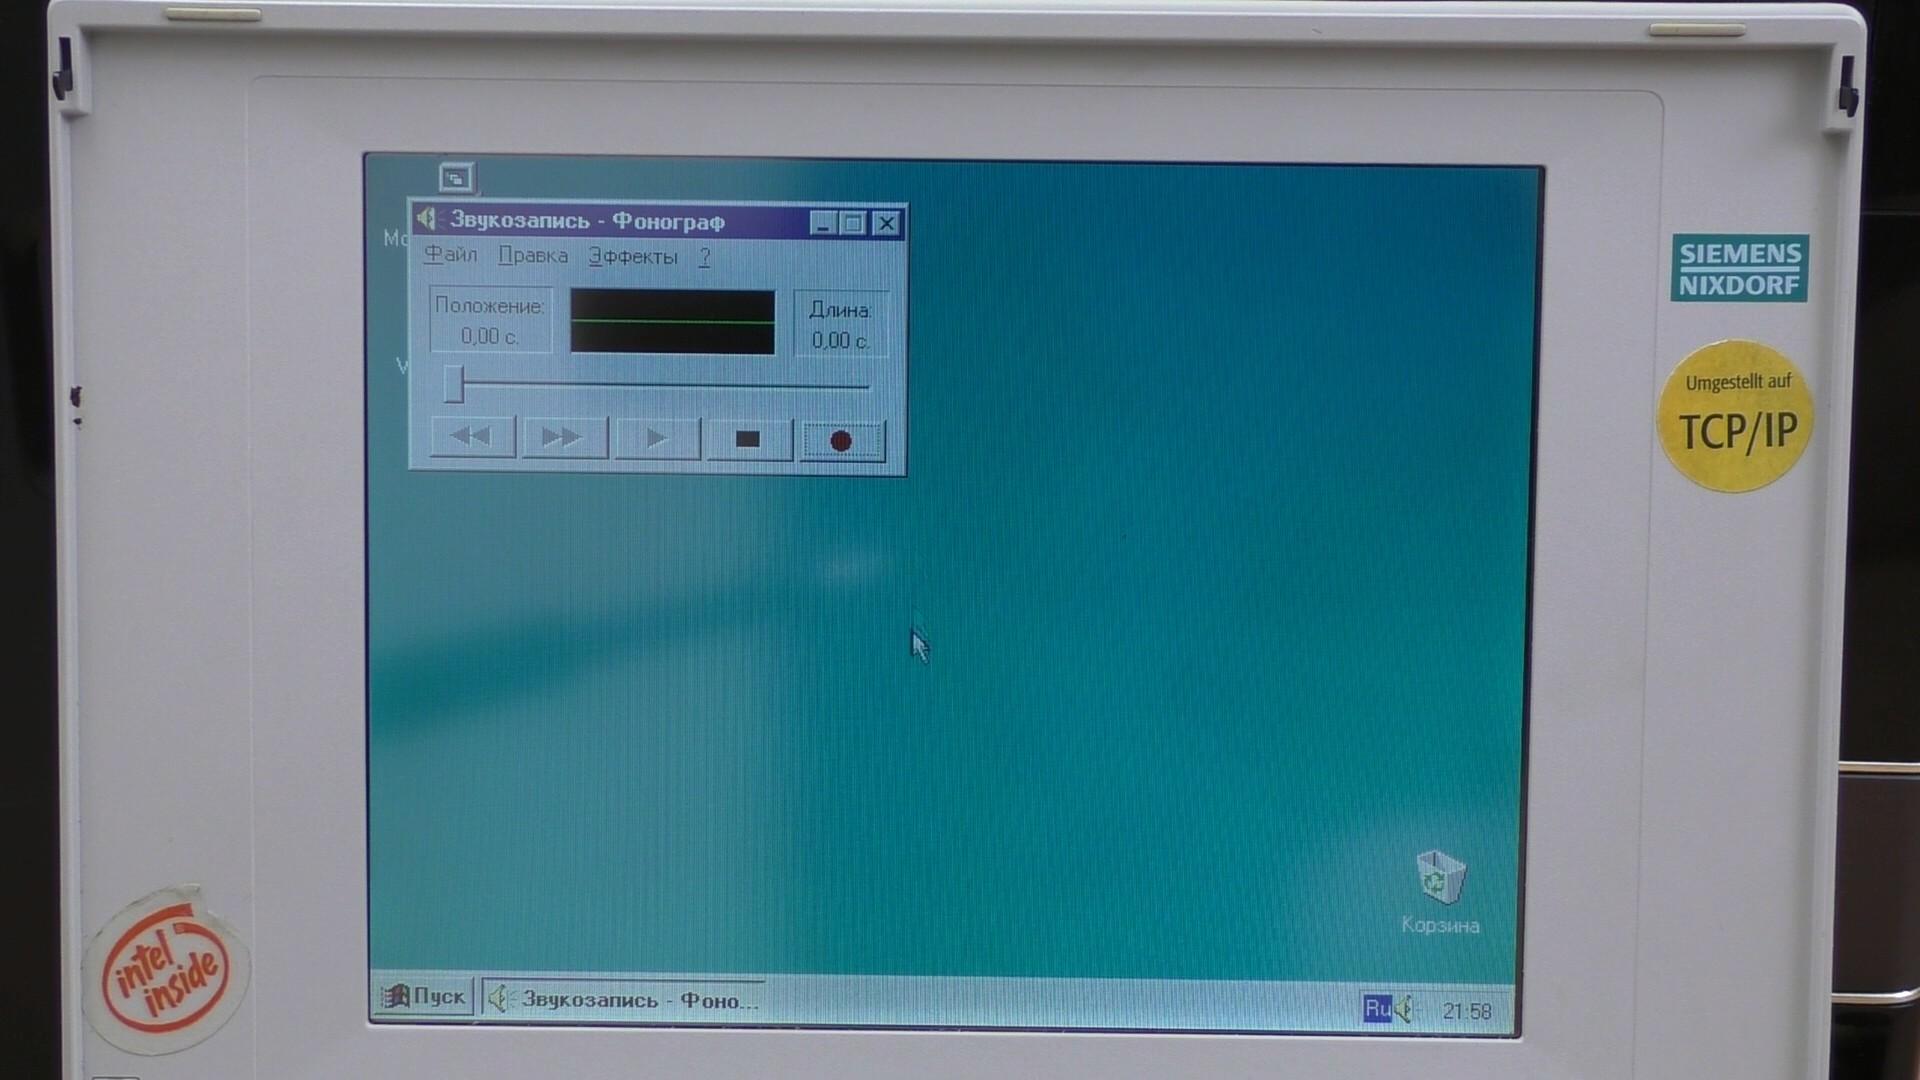 Мощь 80486 на Siemens Nixdorf PCD-4ND (текст и видео — на выбор) - 34